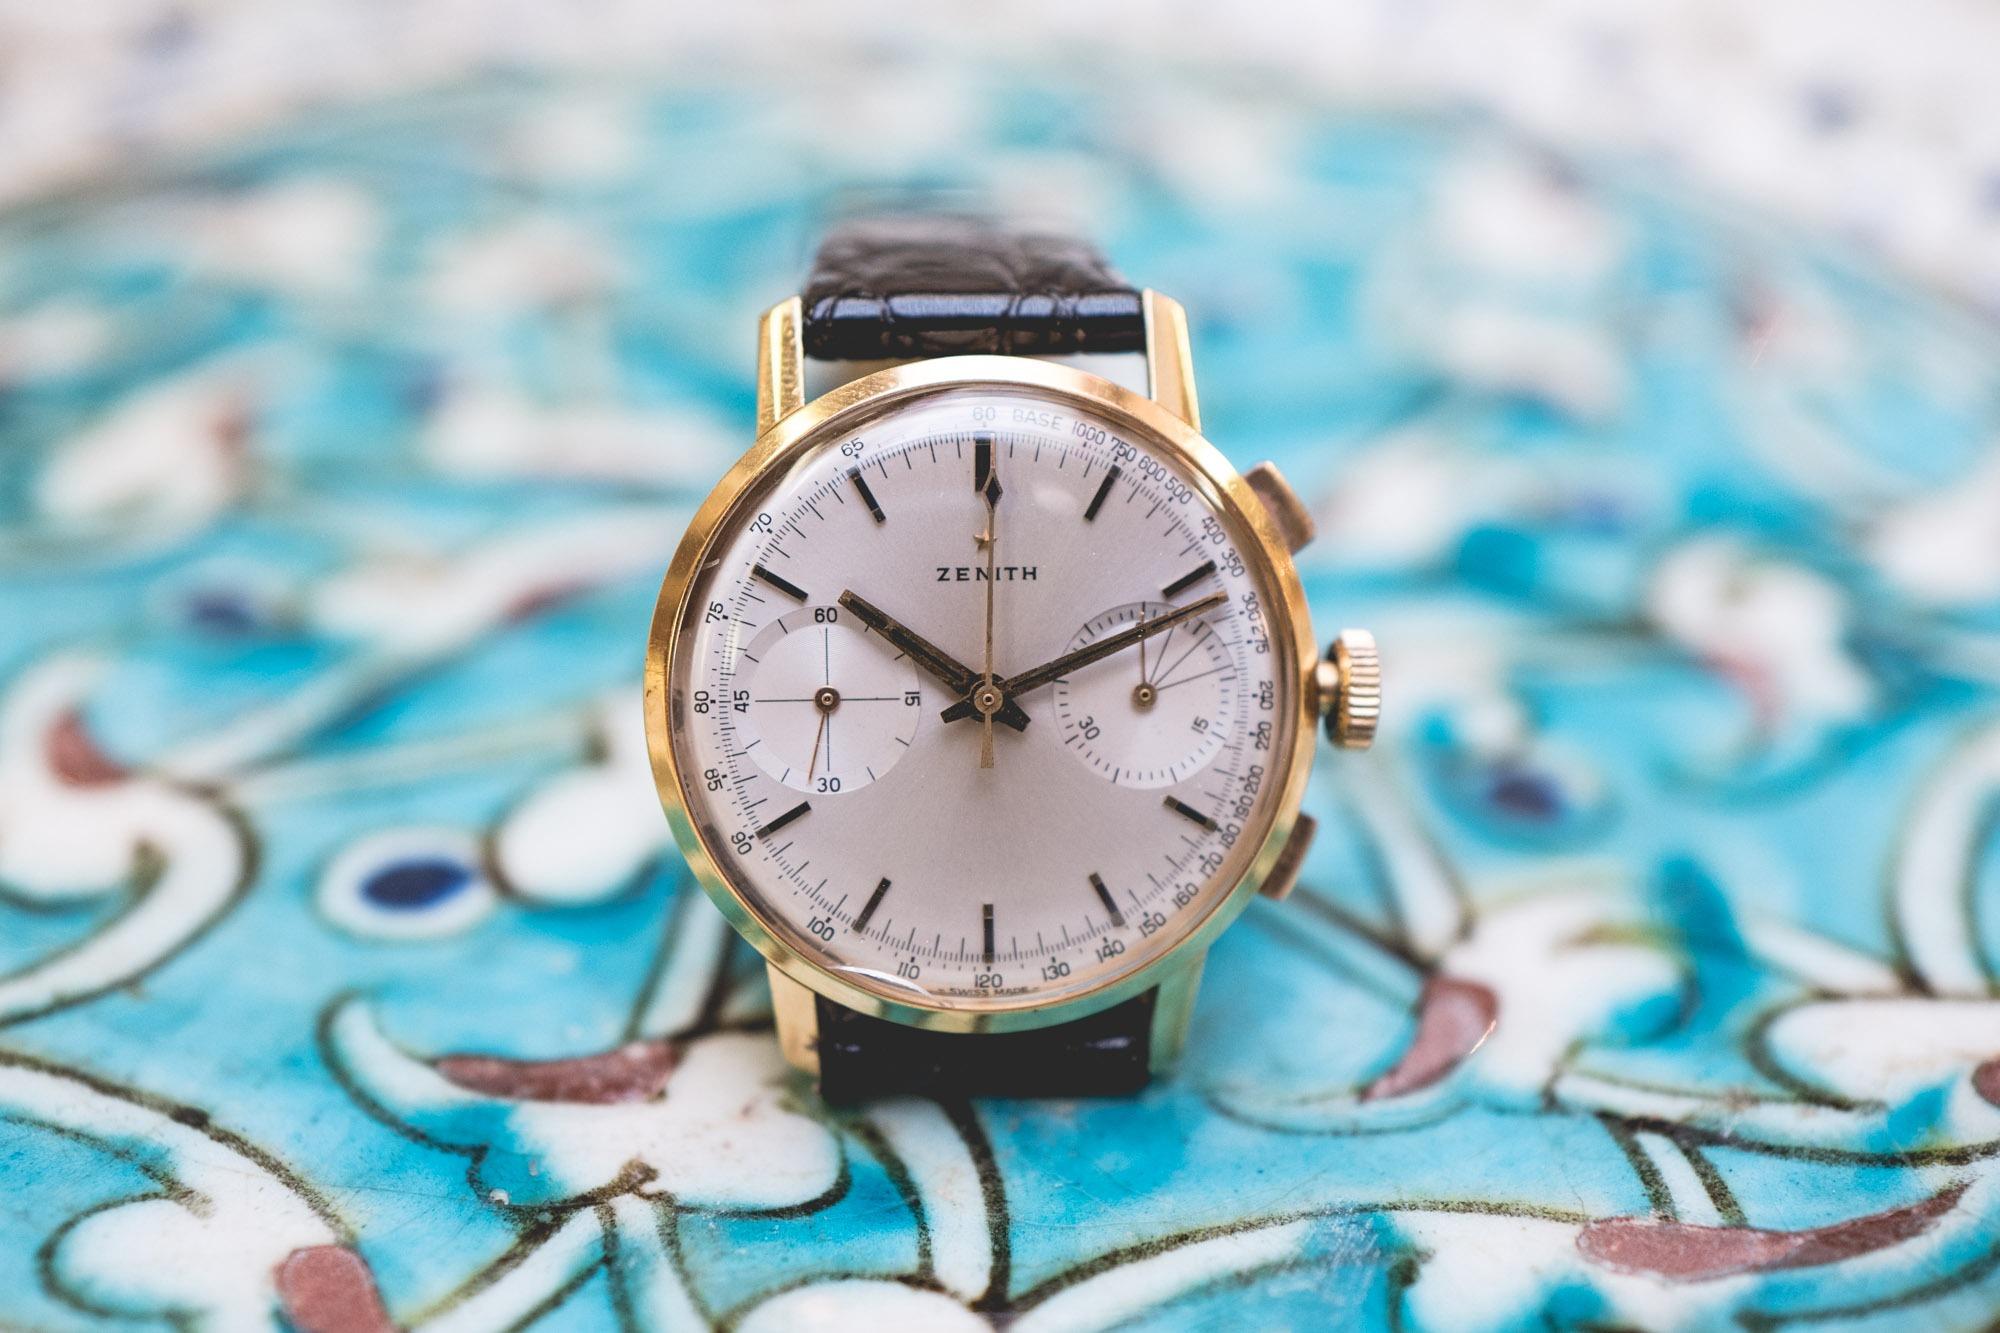 Vente Tajan Georg Fischer Zenith Chronograph